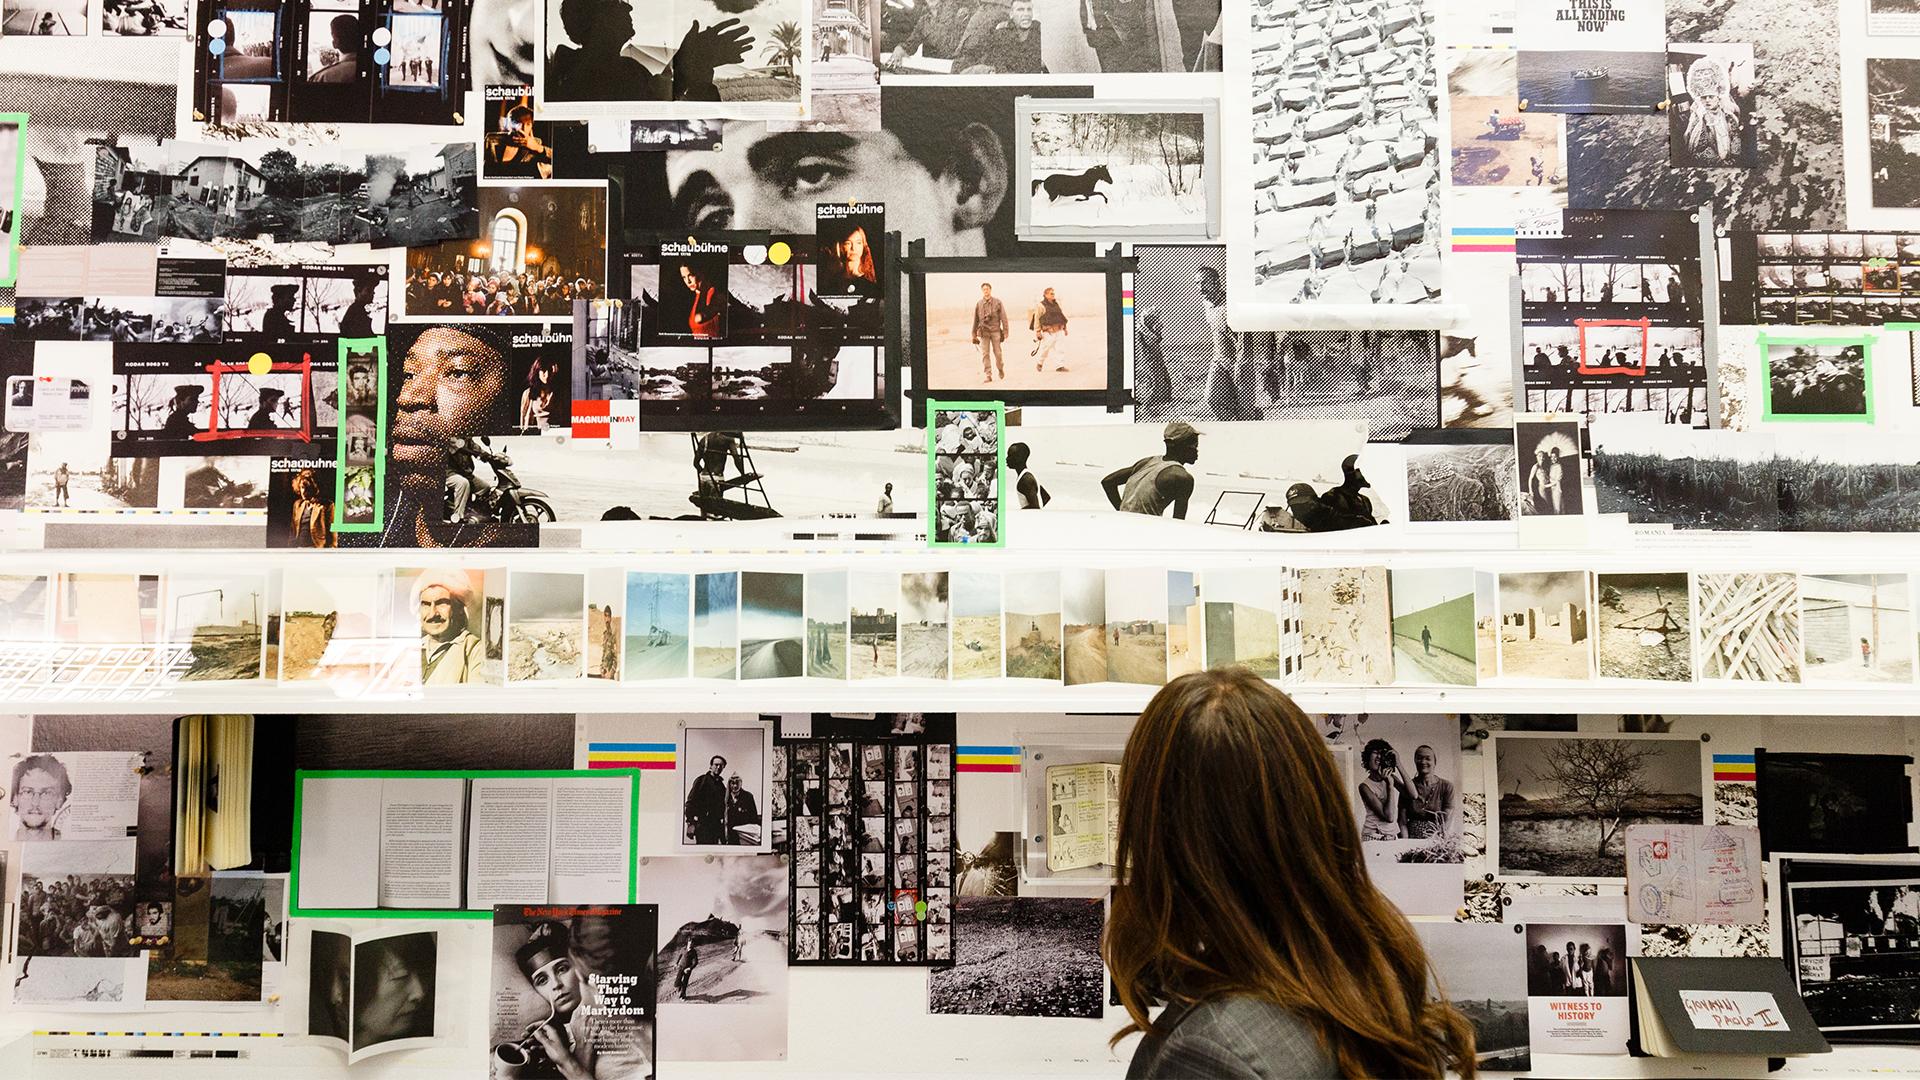 Come Costruire Un Mosaico un mosaico di sguardi: come costruire una fotografia | maxxi